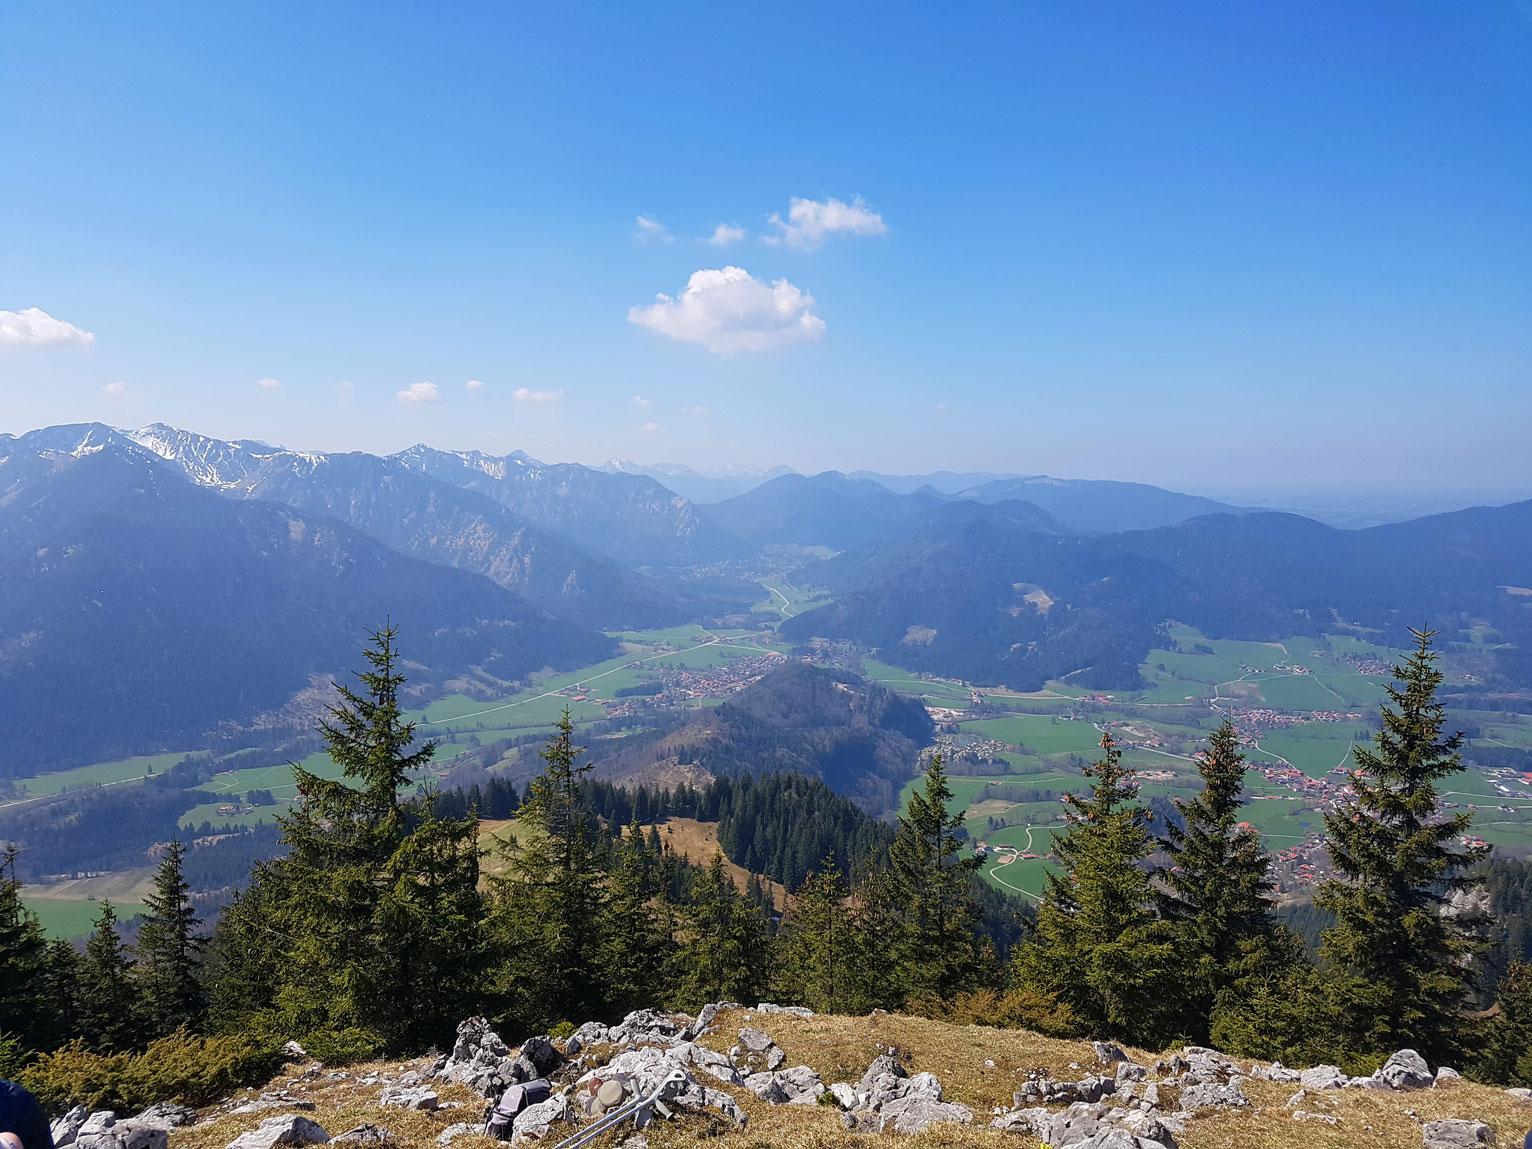 wandertipps-einsam-munichmountaingirls-sabrina-stadler-wanderung-schweinsberg-fischbachau-wandern